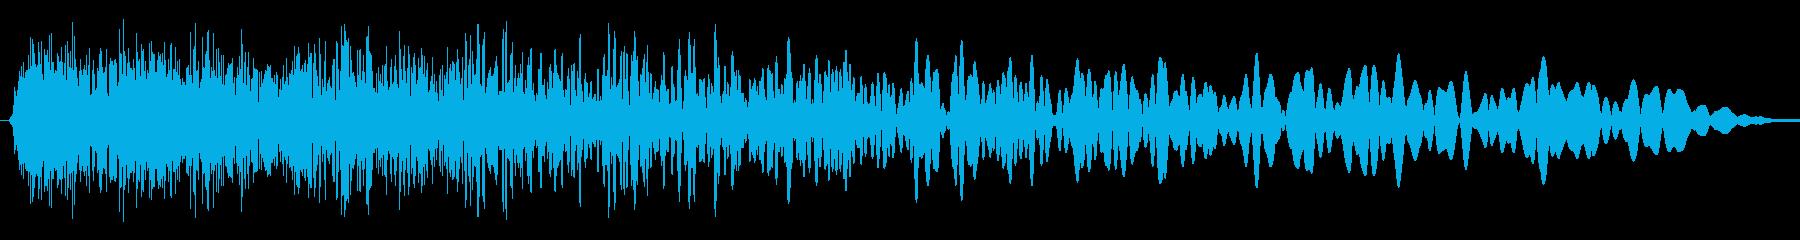 短い沈没ザップの再生済みの波形